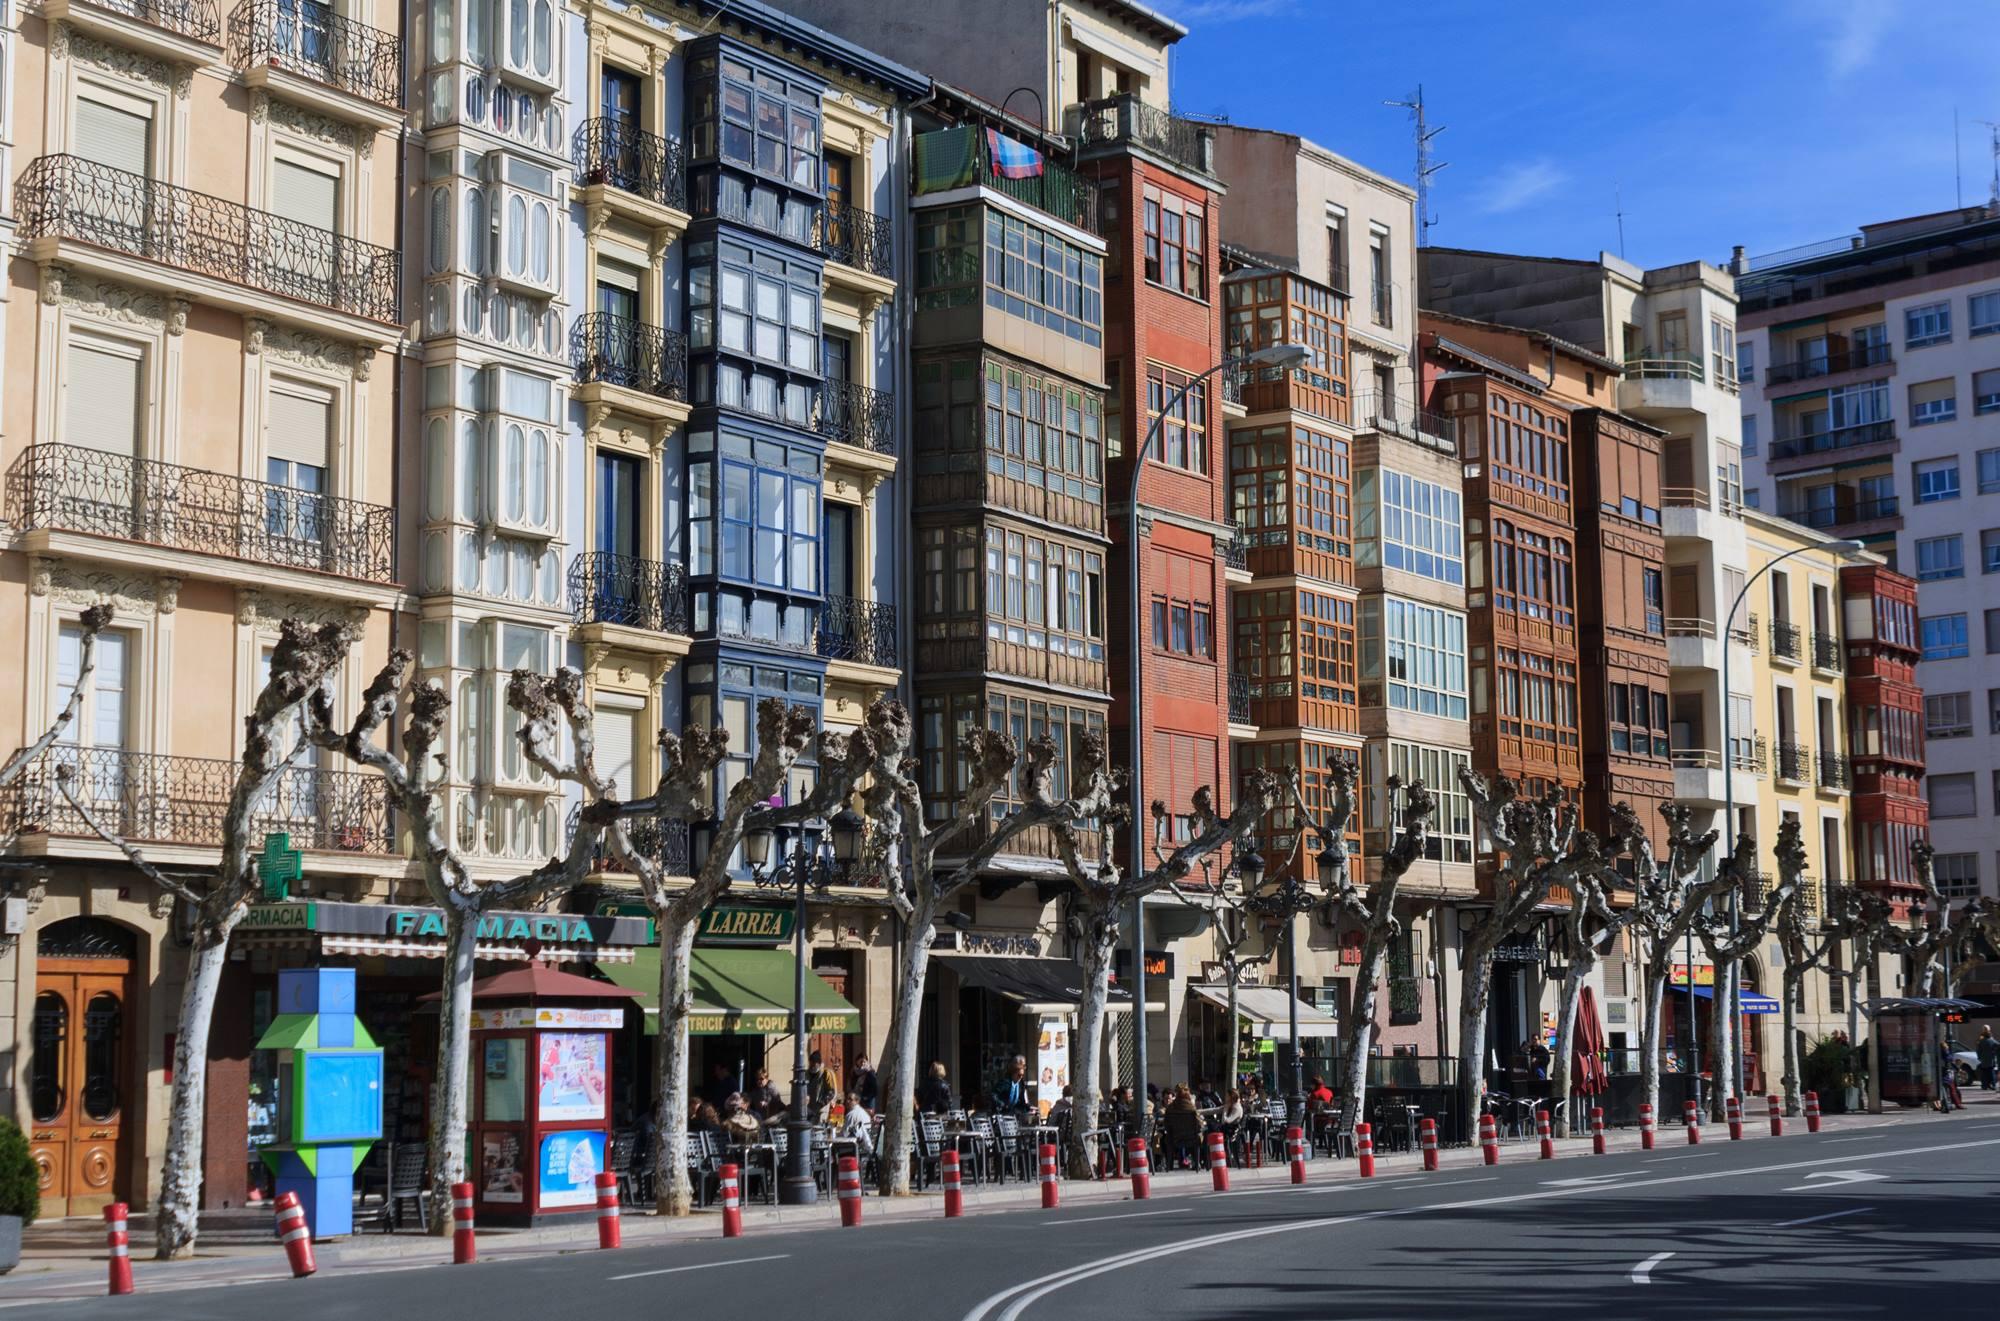 Tradicionales fachadas coloridas y balcones de madera del centro logroñés. Foto: Shutterstock